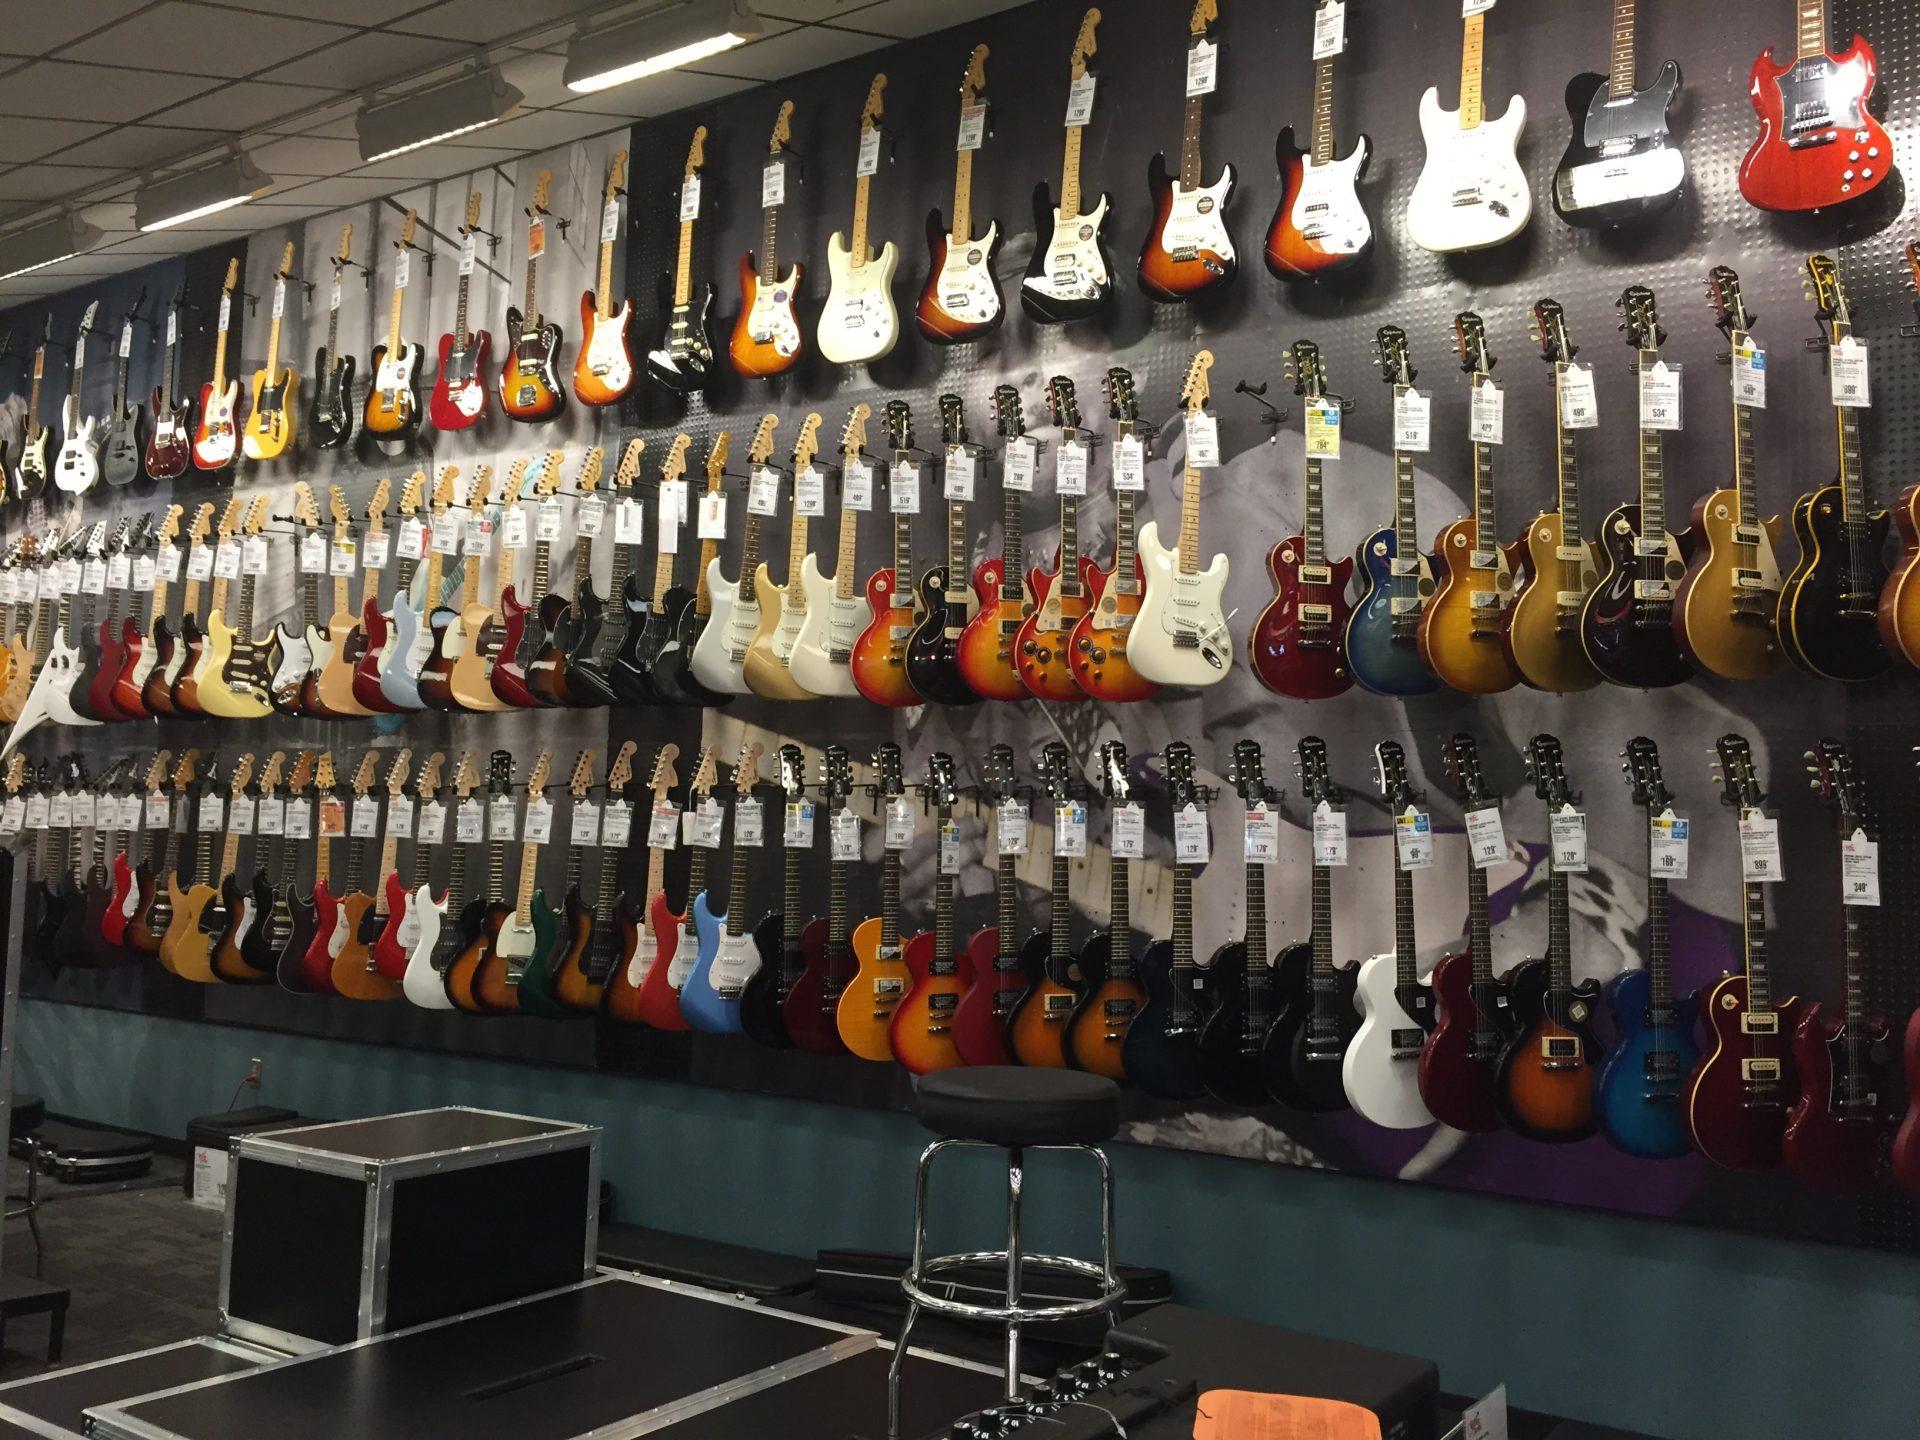 Best Short-Scale Bass Guitars